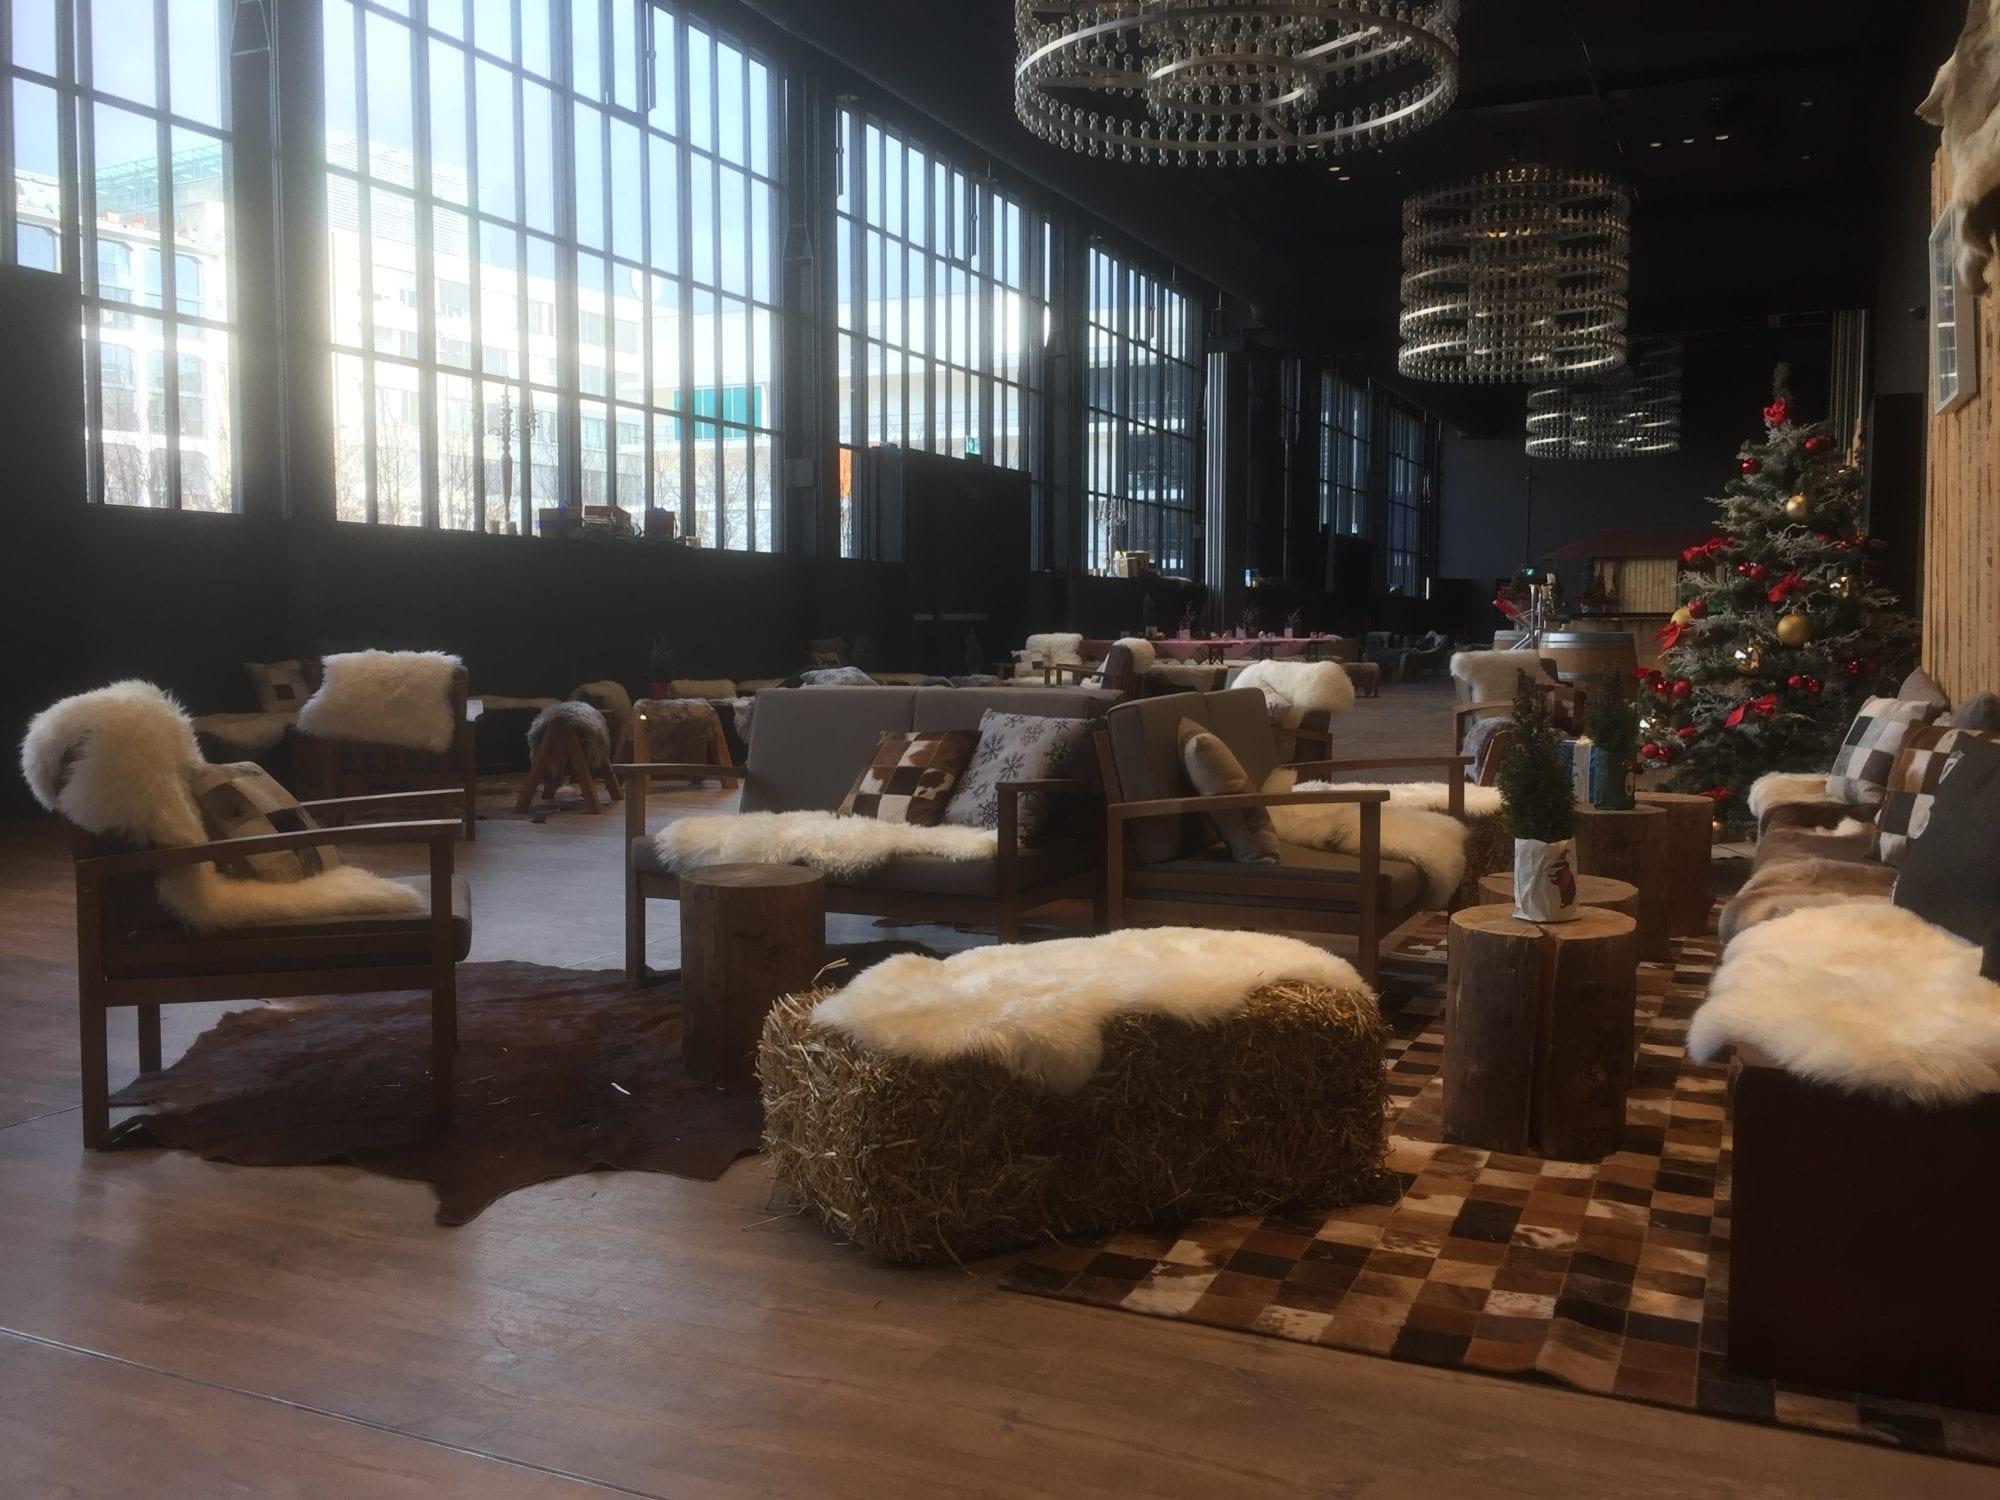 florida 2er sofa mieten rent-a-lounge